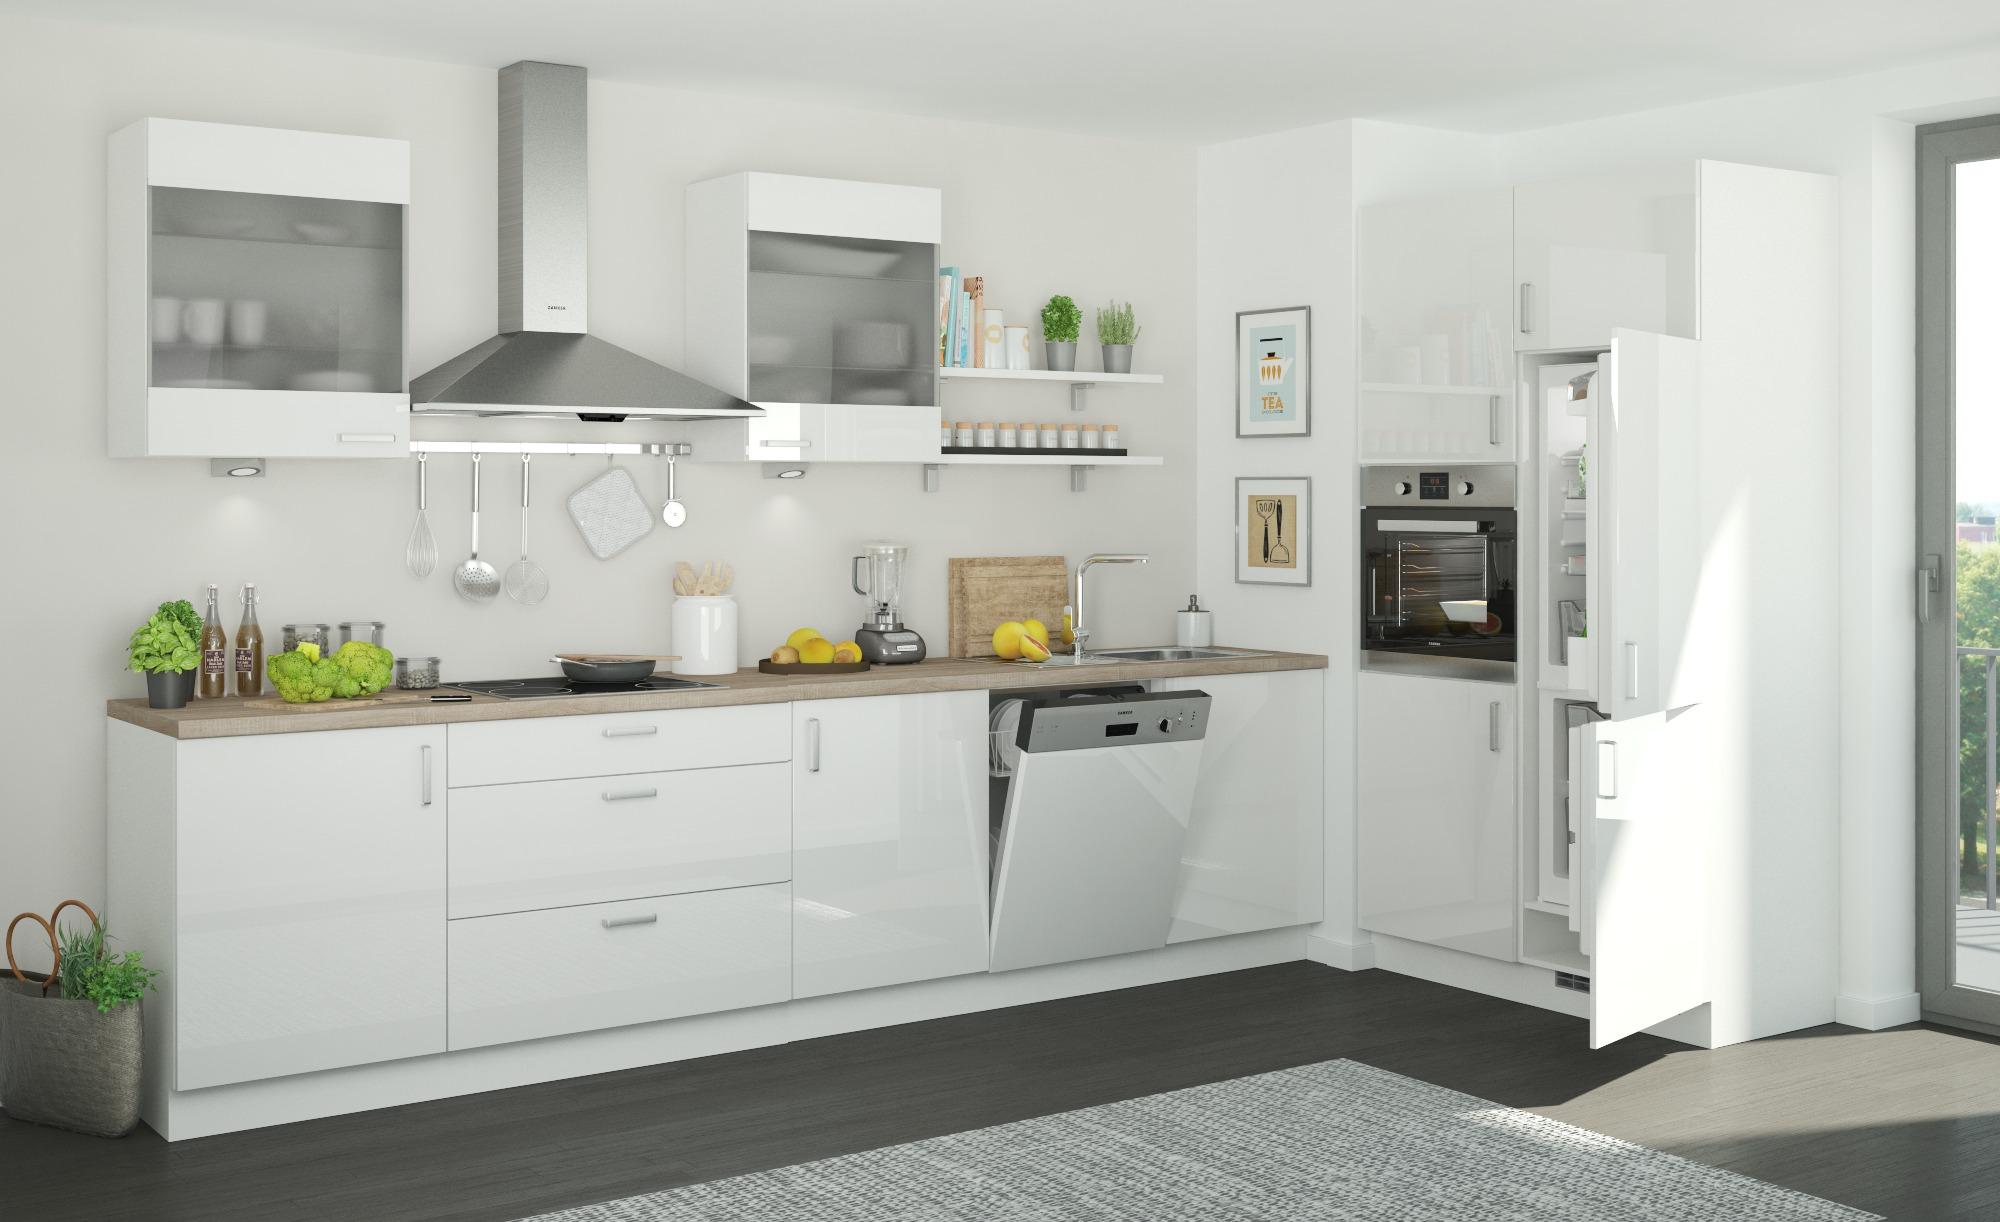 Küchenzeile ohne Elektrogeräte  Frankfurt ¦ weiß Küchen > Küchenblöcke - Höffner | Küche und Esszimmer > Küchen > Küchenzeilen | Möbel Höffner DE